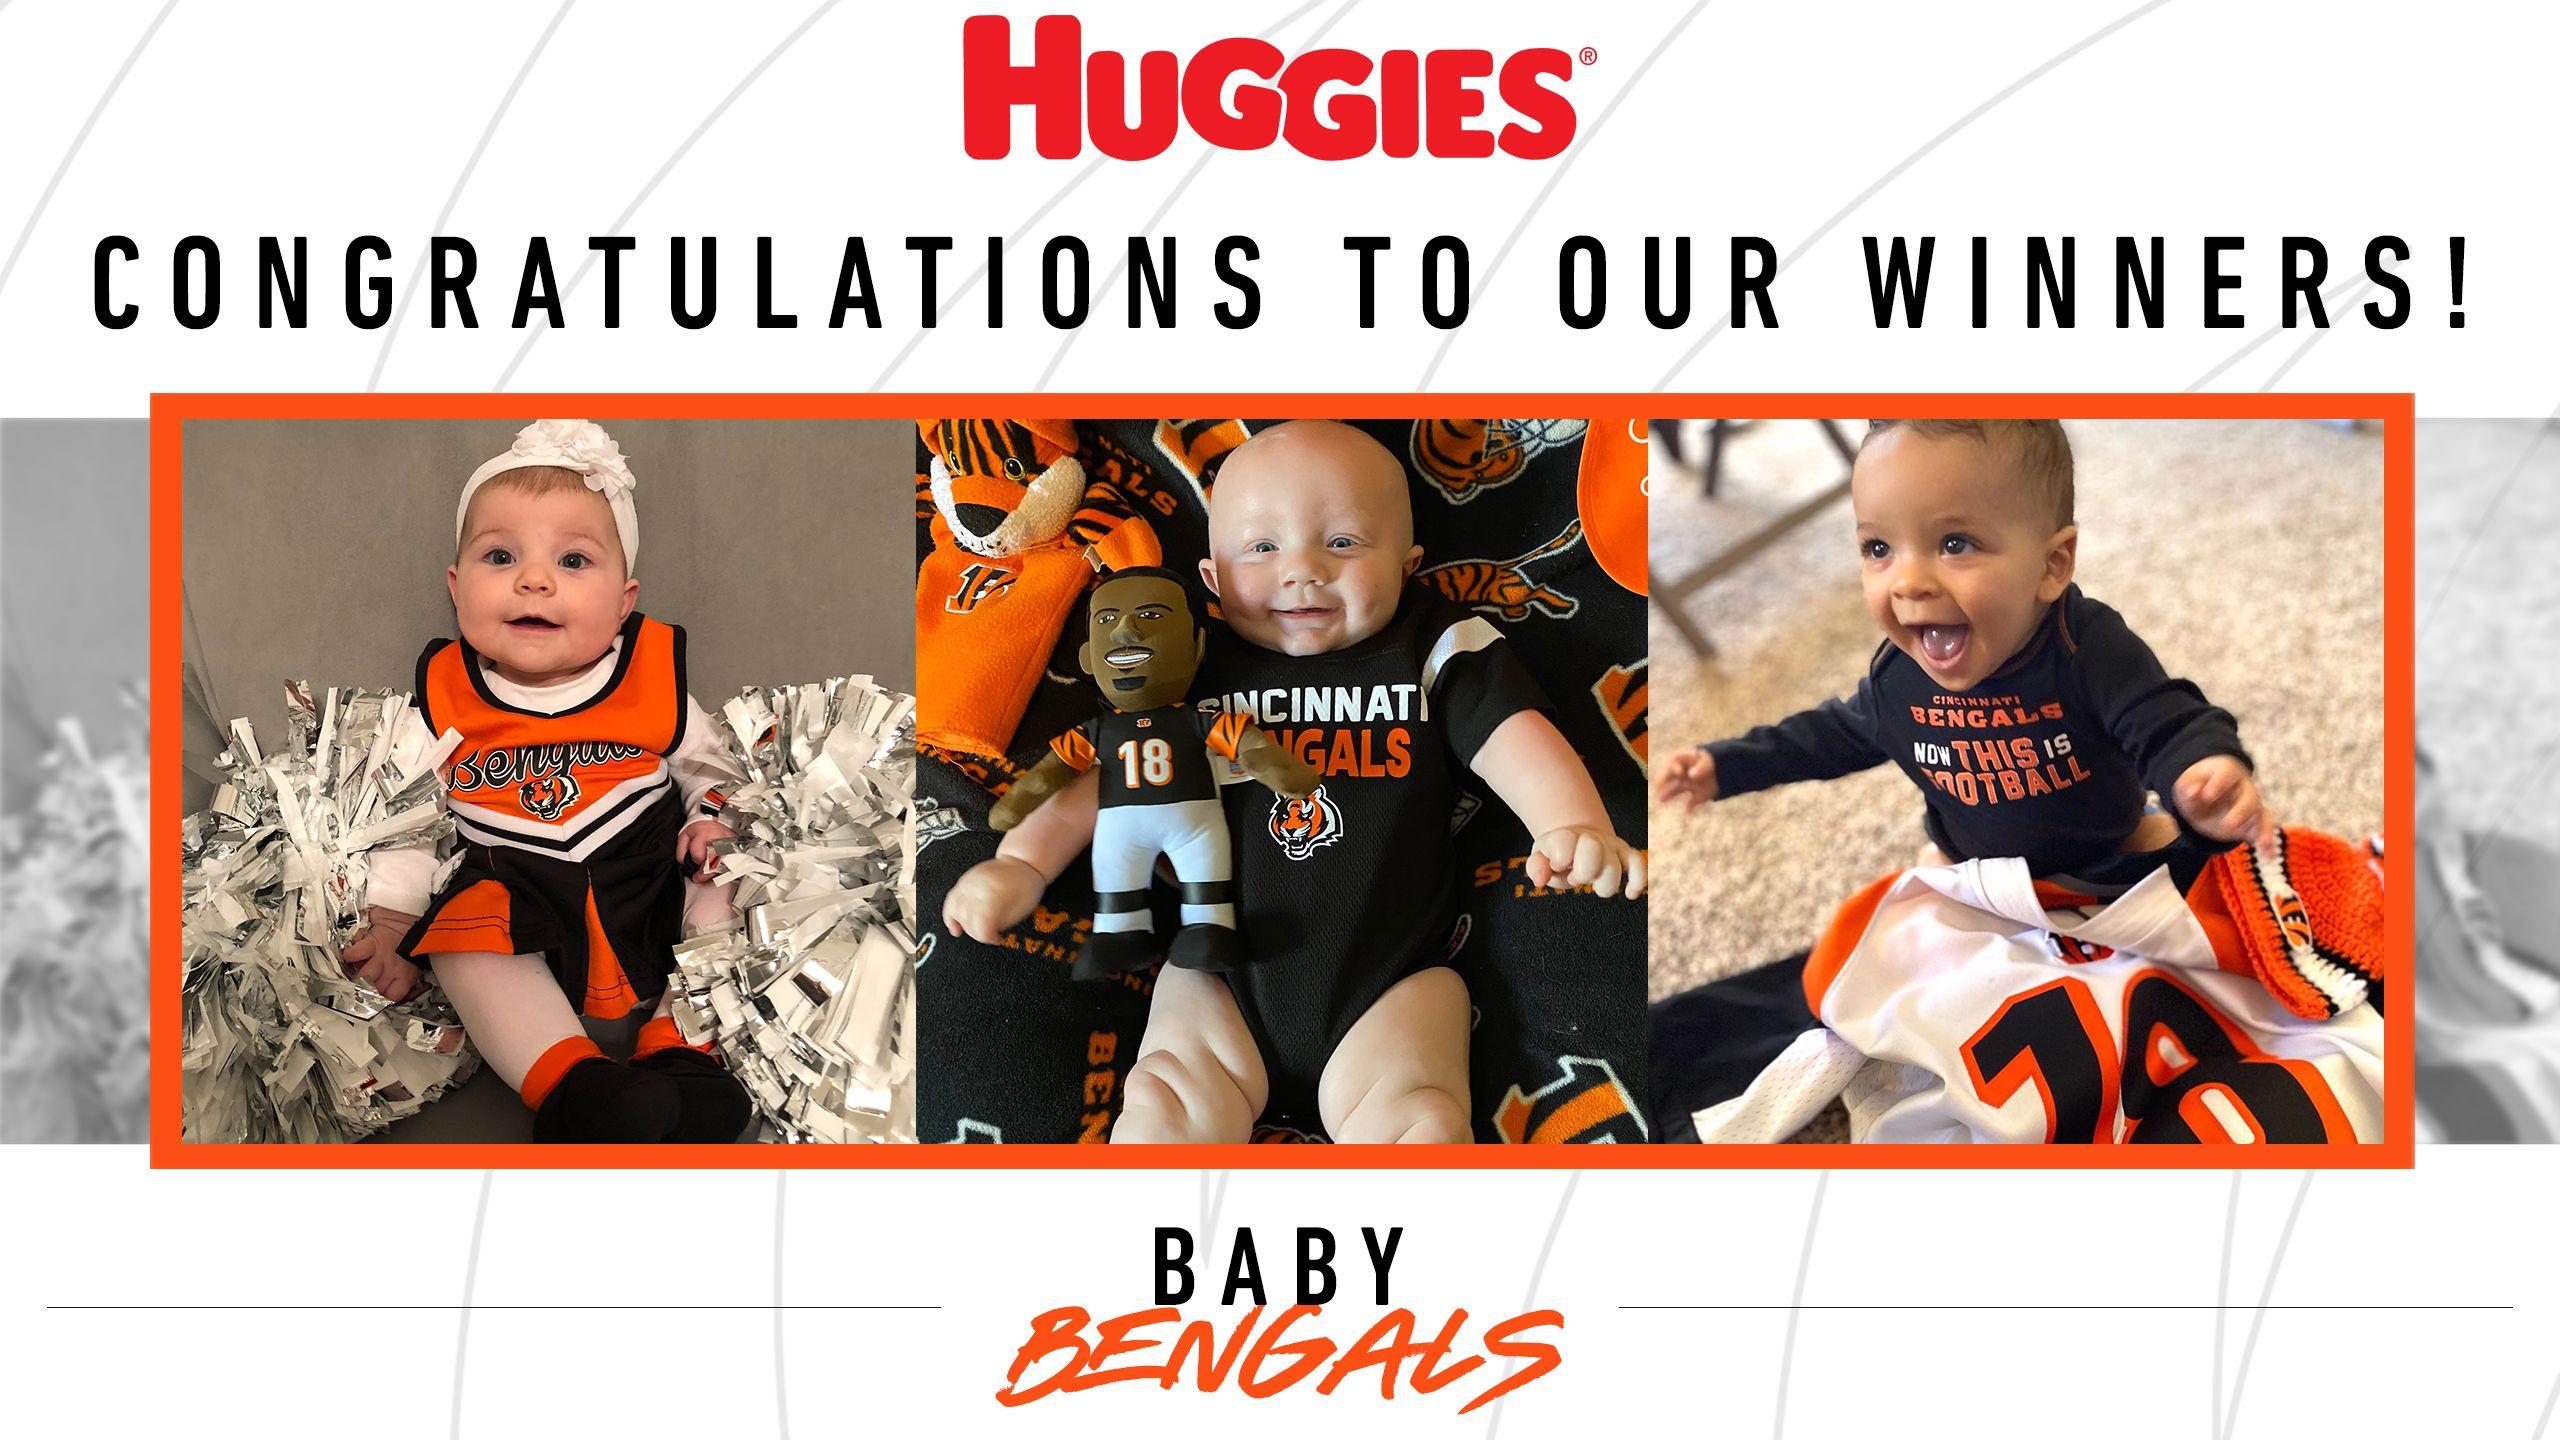 200518-huggies-baby-bengals_winners